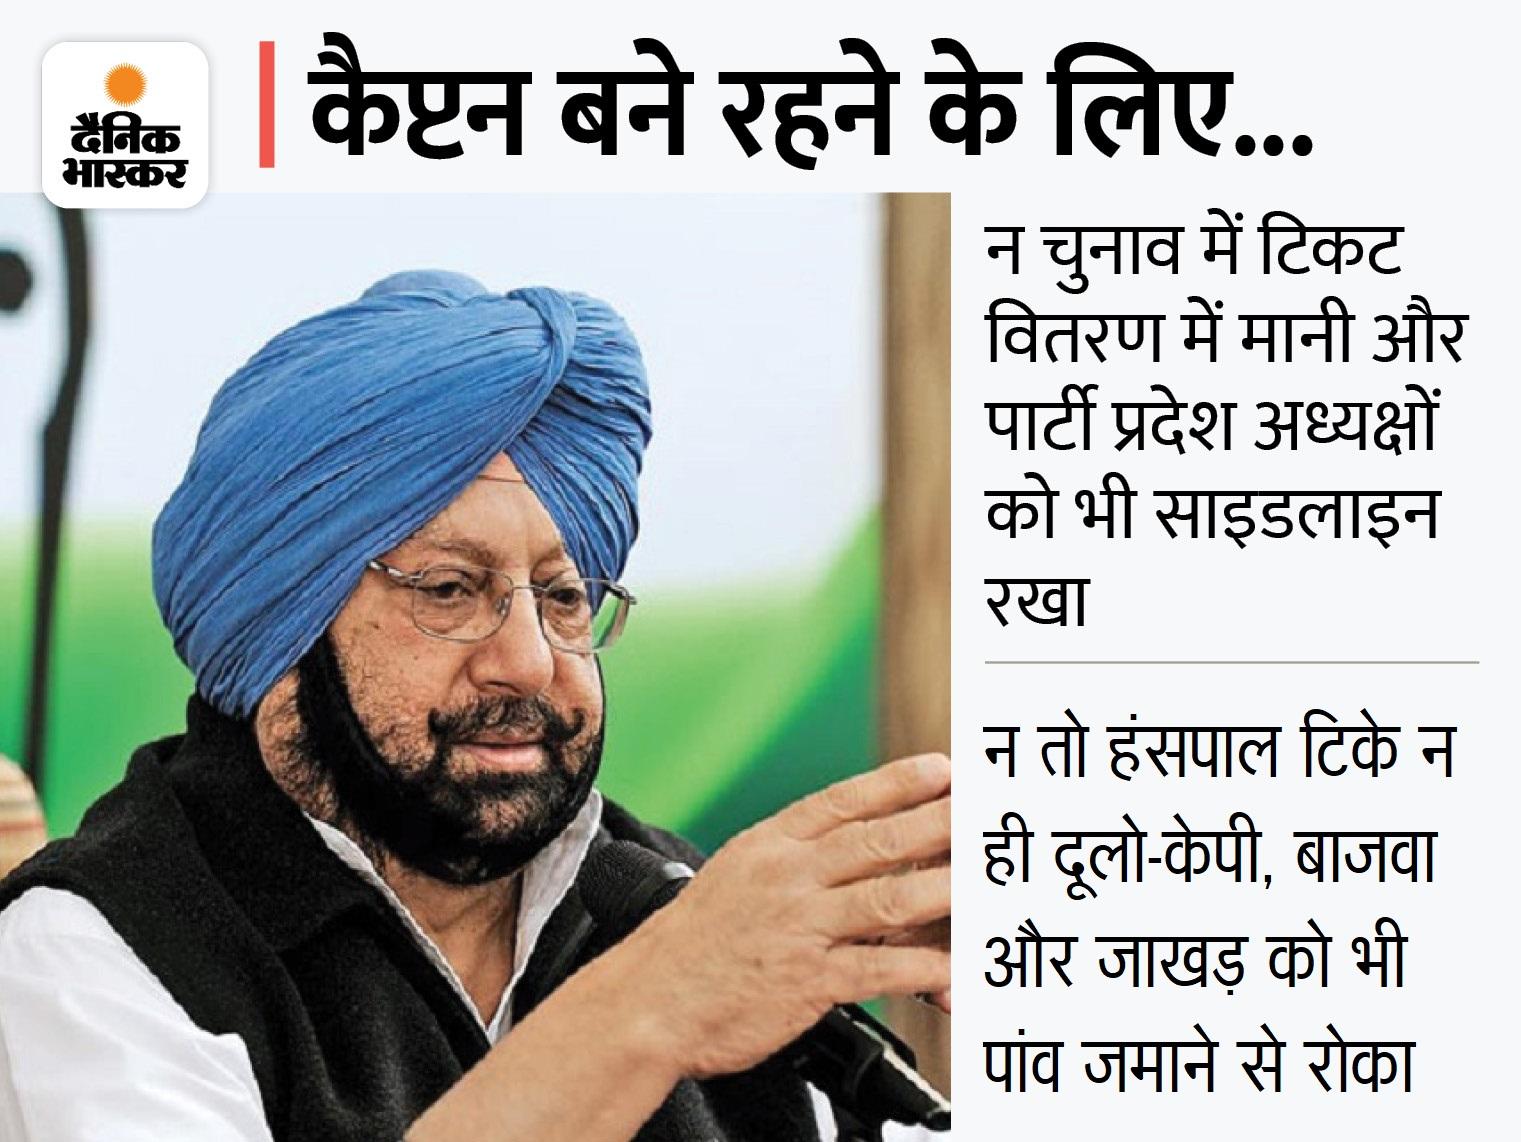 दो बार प्रदेश अध्यक्ष और CM रहे अमरिंदर ने हाईकमान की बात कभी नहीं मानी; किसी पार्टी प्रधान से नहीं रहे अच्छे रिश्ते|जालंधर,Jalandhar - Dainik Bhaskar